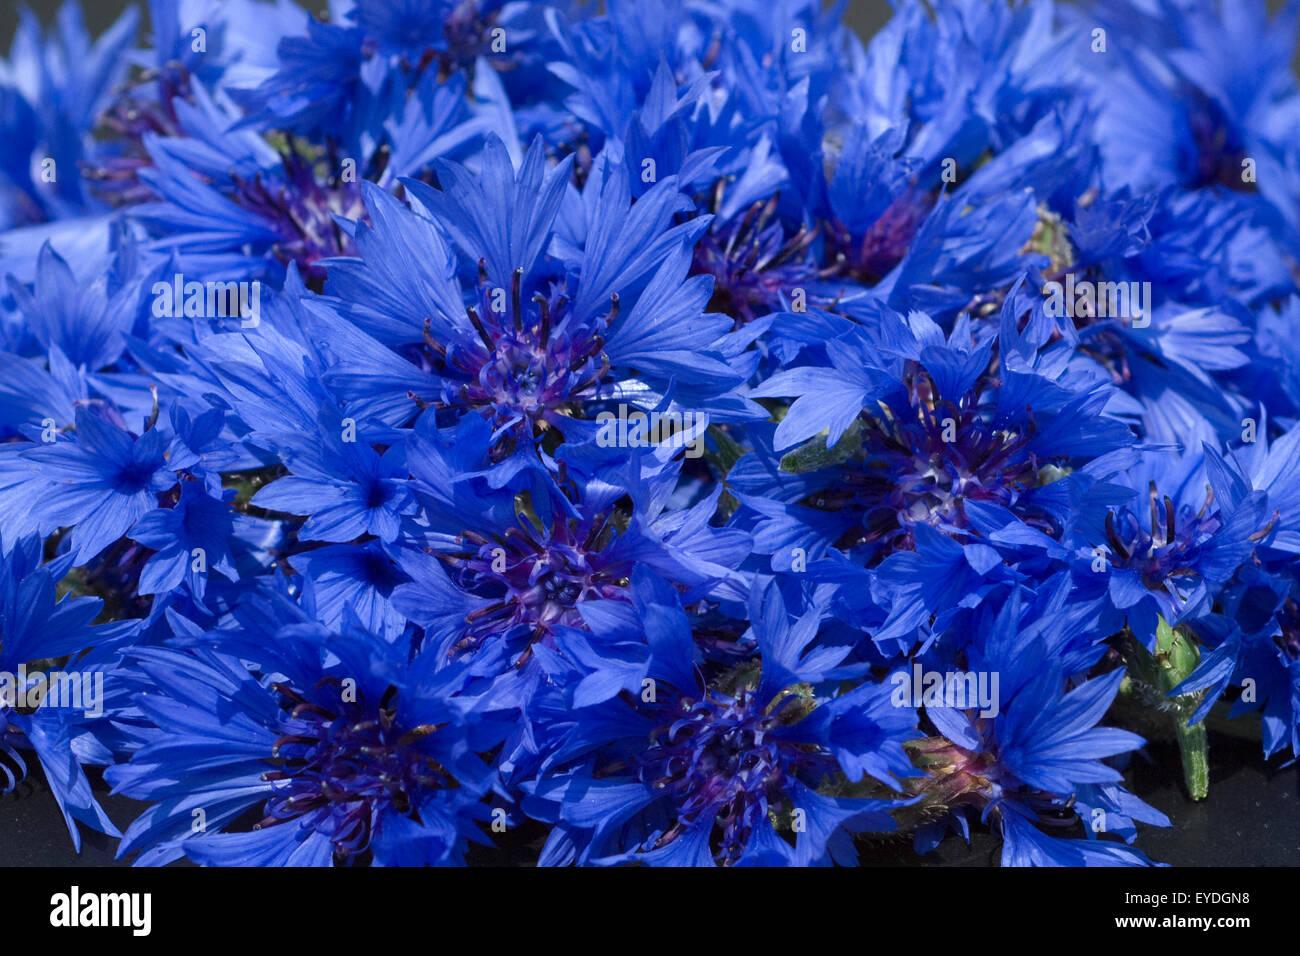 Centaurea cyanus Kornblume;;;; Kornblumen Ackerpflanzen, Foto de stock